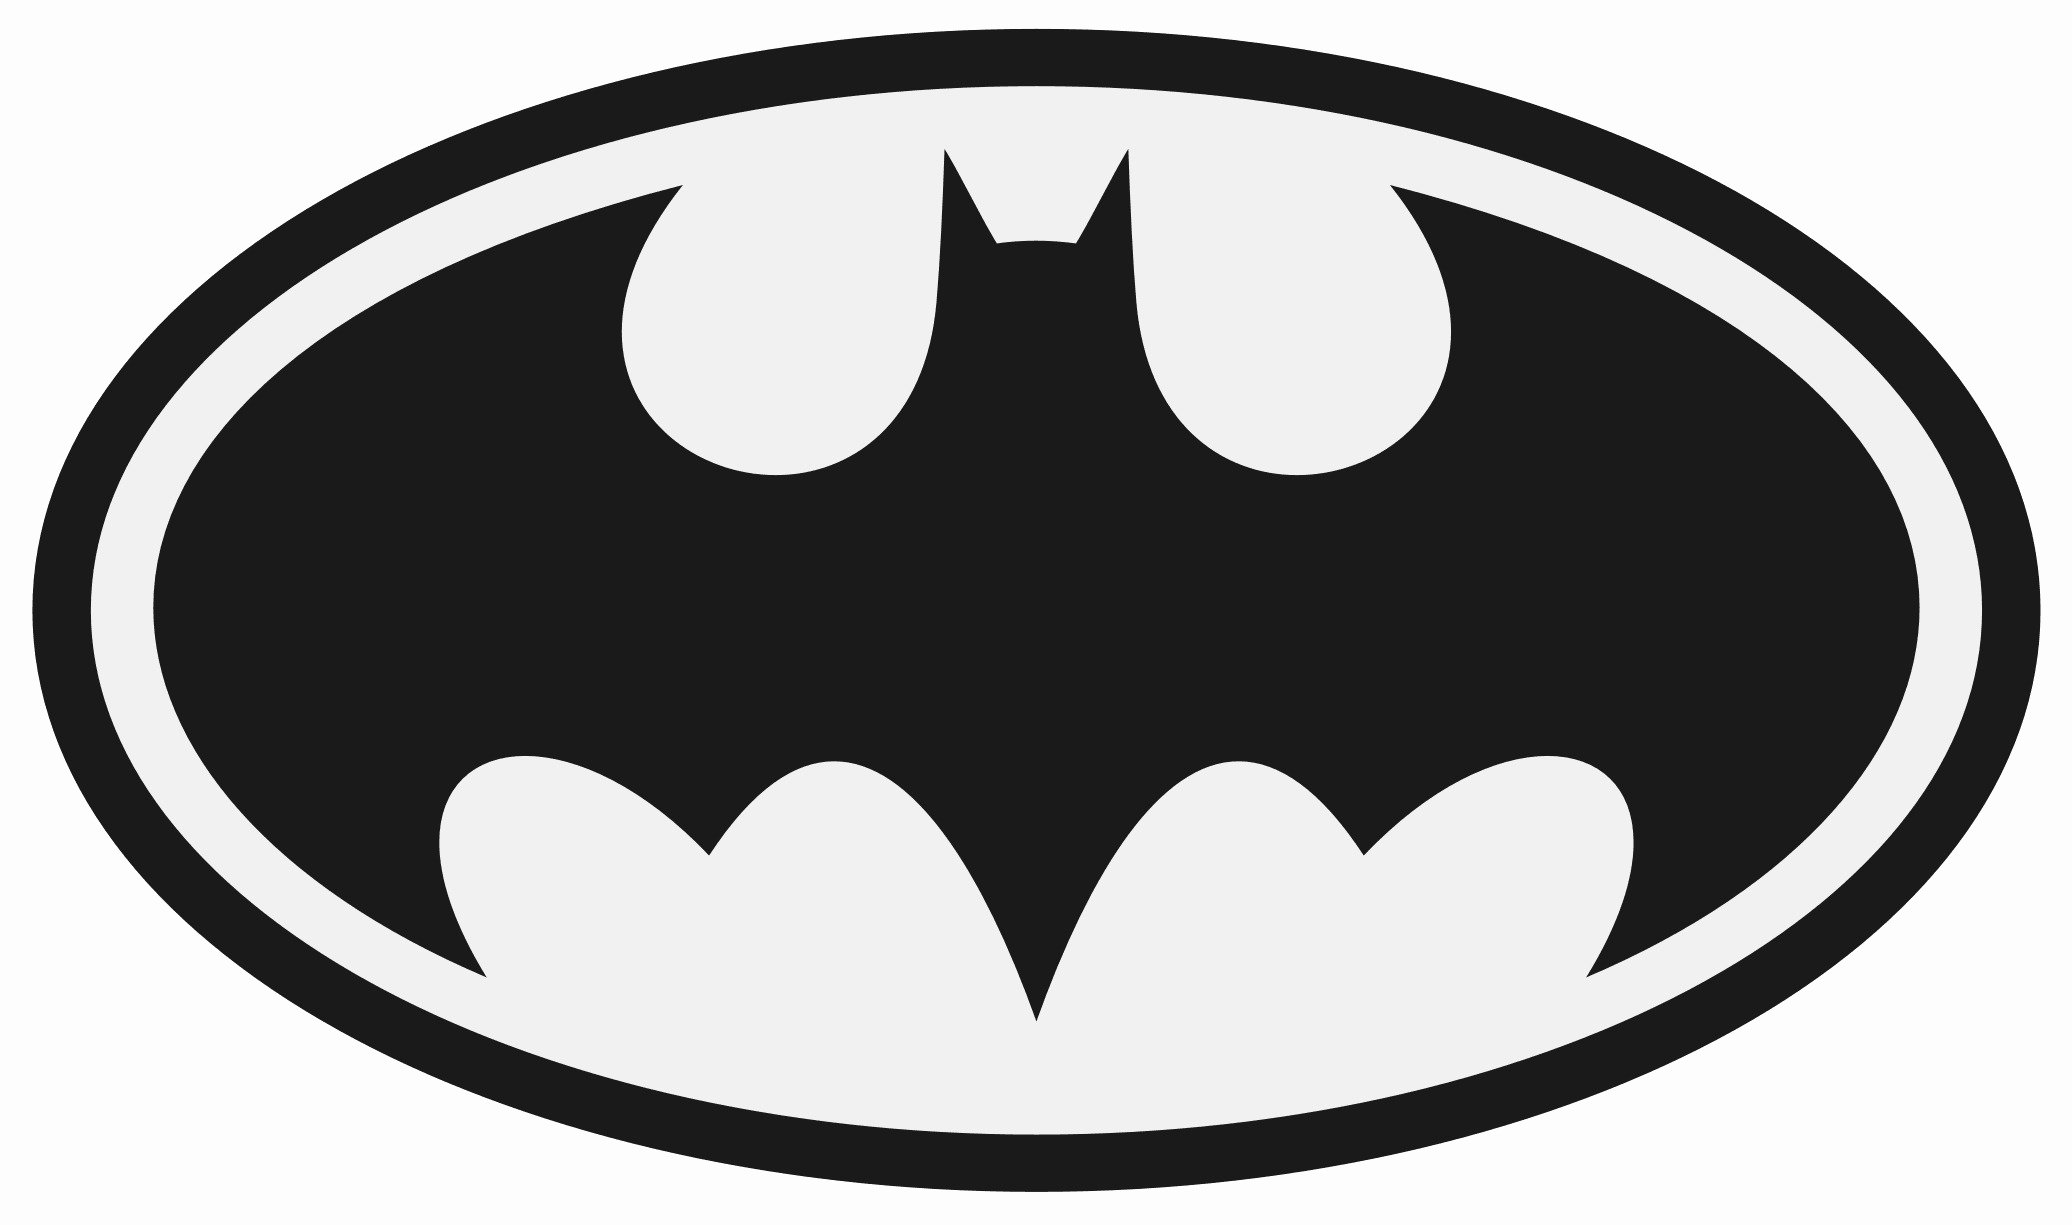 Batman Pumpkin Carving Stencil Awesome Batman Symbol Pumpkin Free Download Clip Art